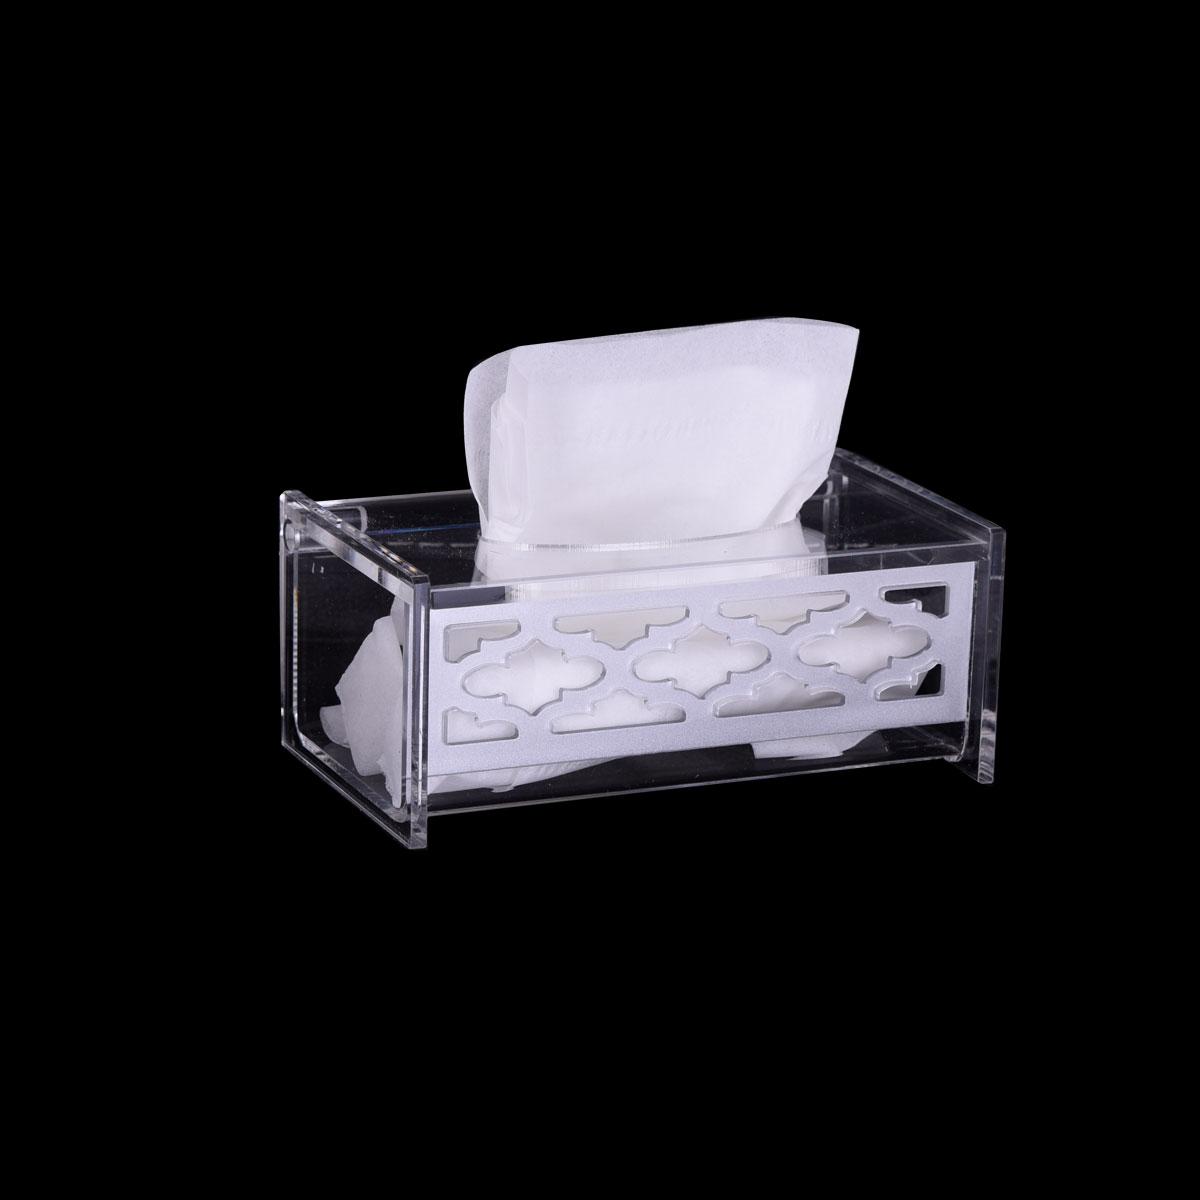 علبة مناديل شفاف اكريليك - موديل -997831